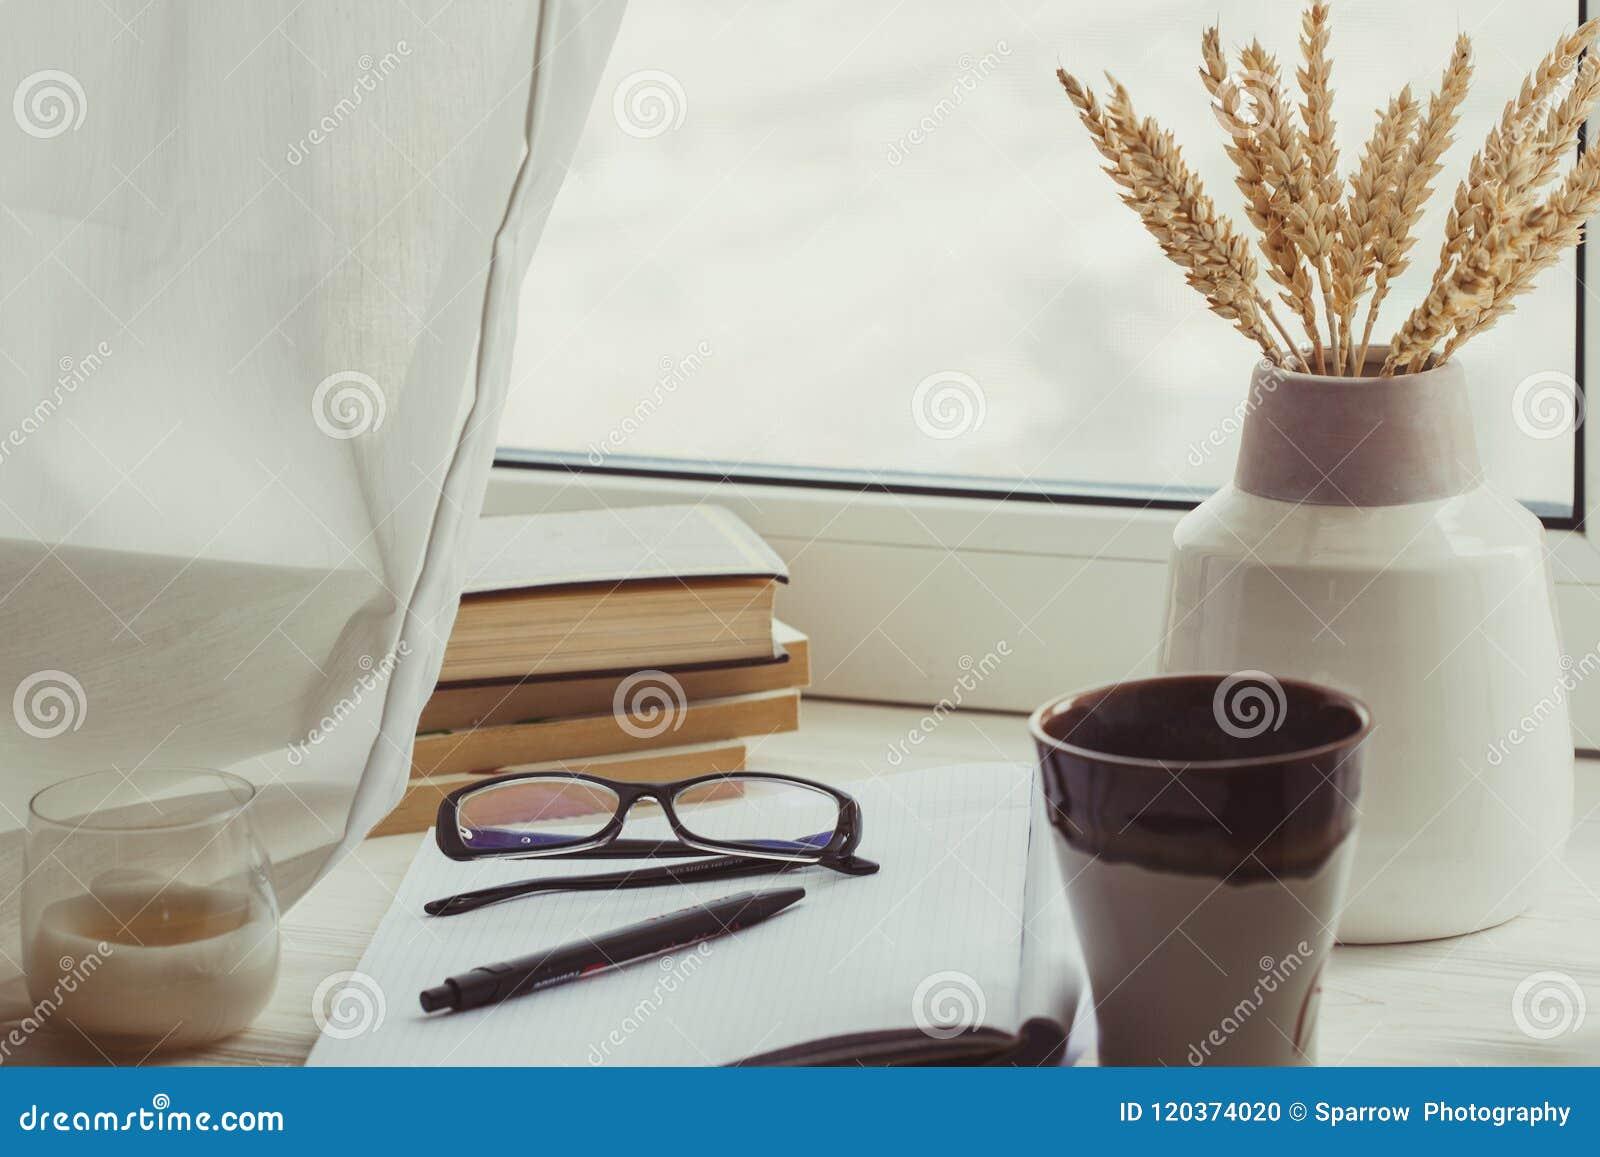 Ένας σωρός των βιβλίων, φλιτζάνι του καφέ, ανθοδέσμη των πυρήνων, των γυαλιών, του σημειωματάριου και της μάνδρας πέρα από ένα πα